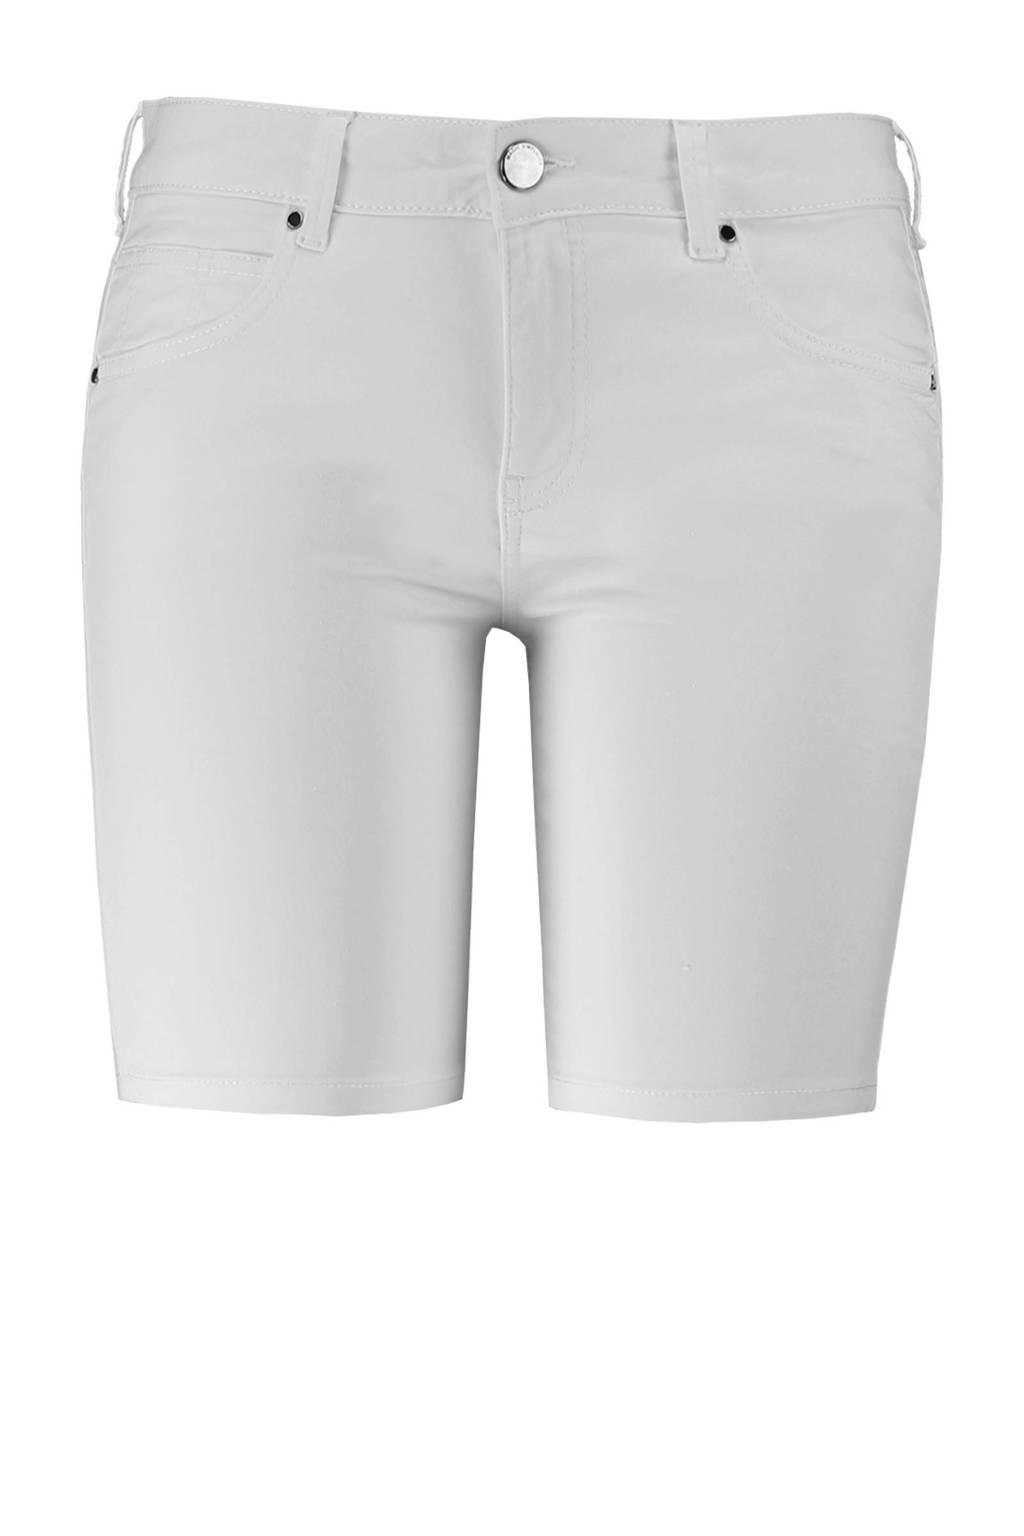 MS Mode korte broek wit, Wit